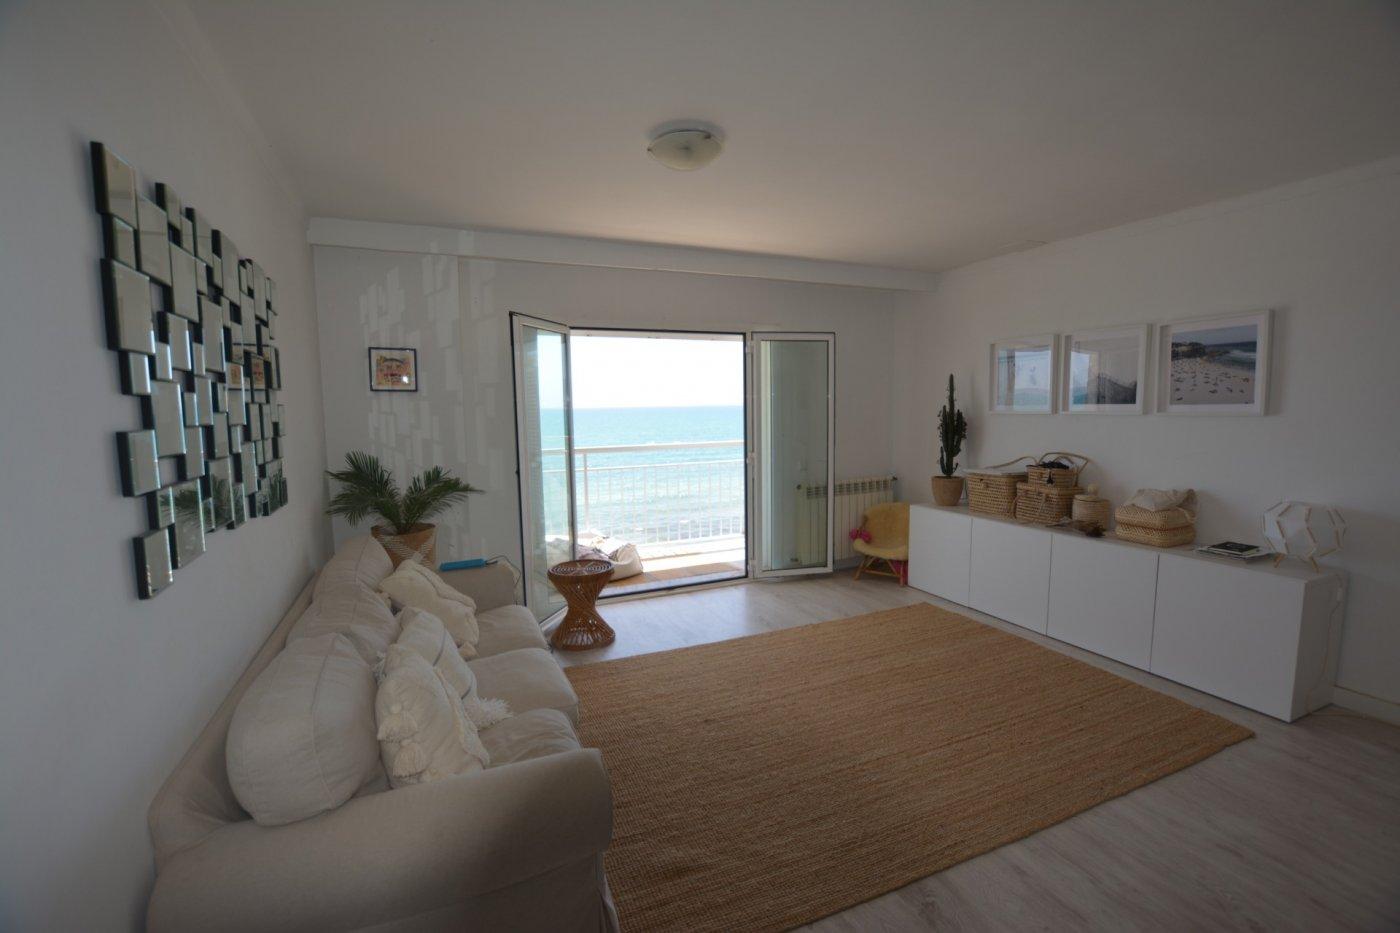 Precioso apartamento primera linea molinar - imagenInmueble2